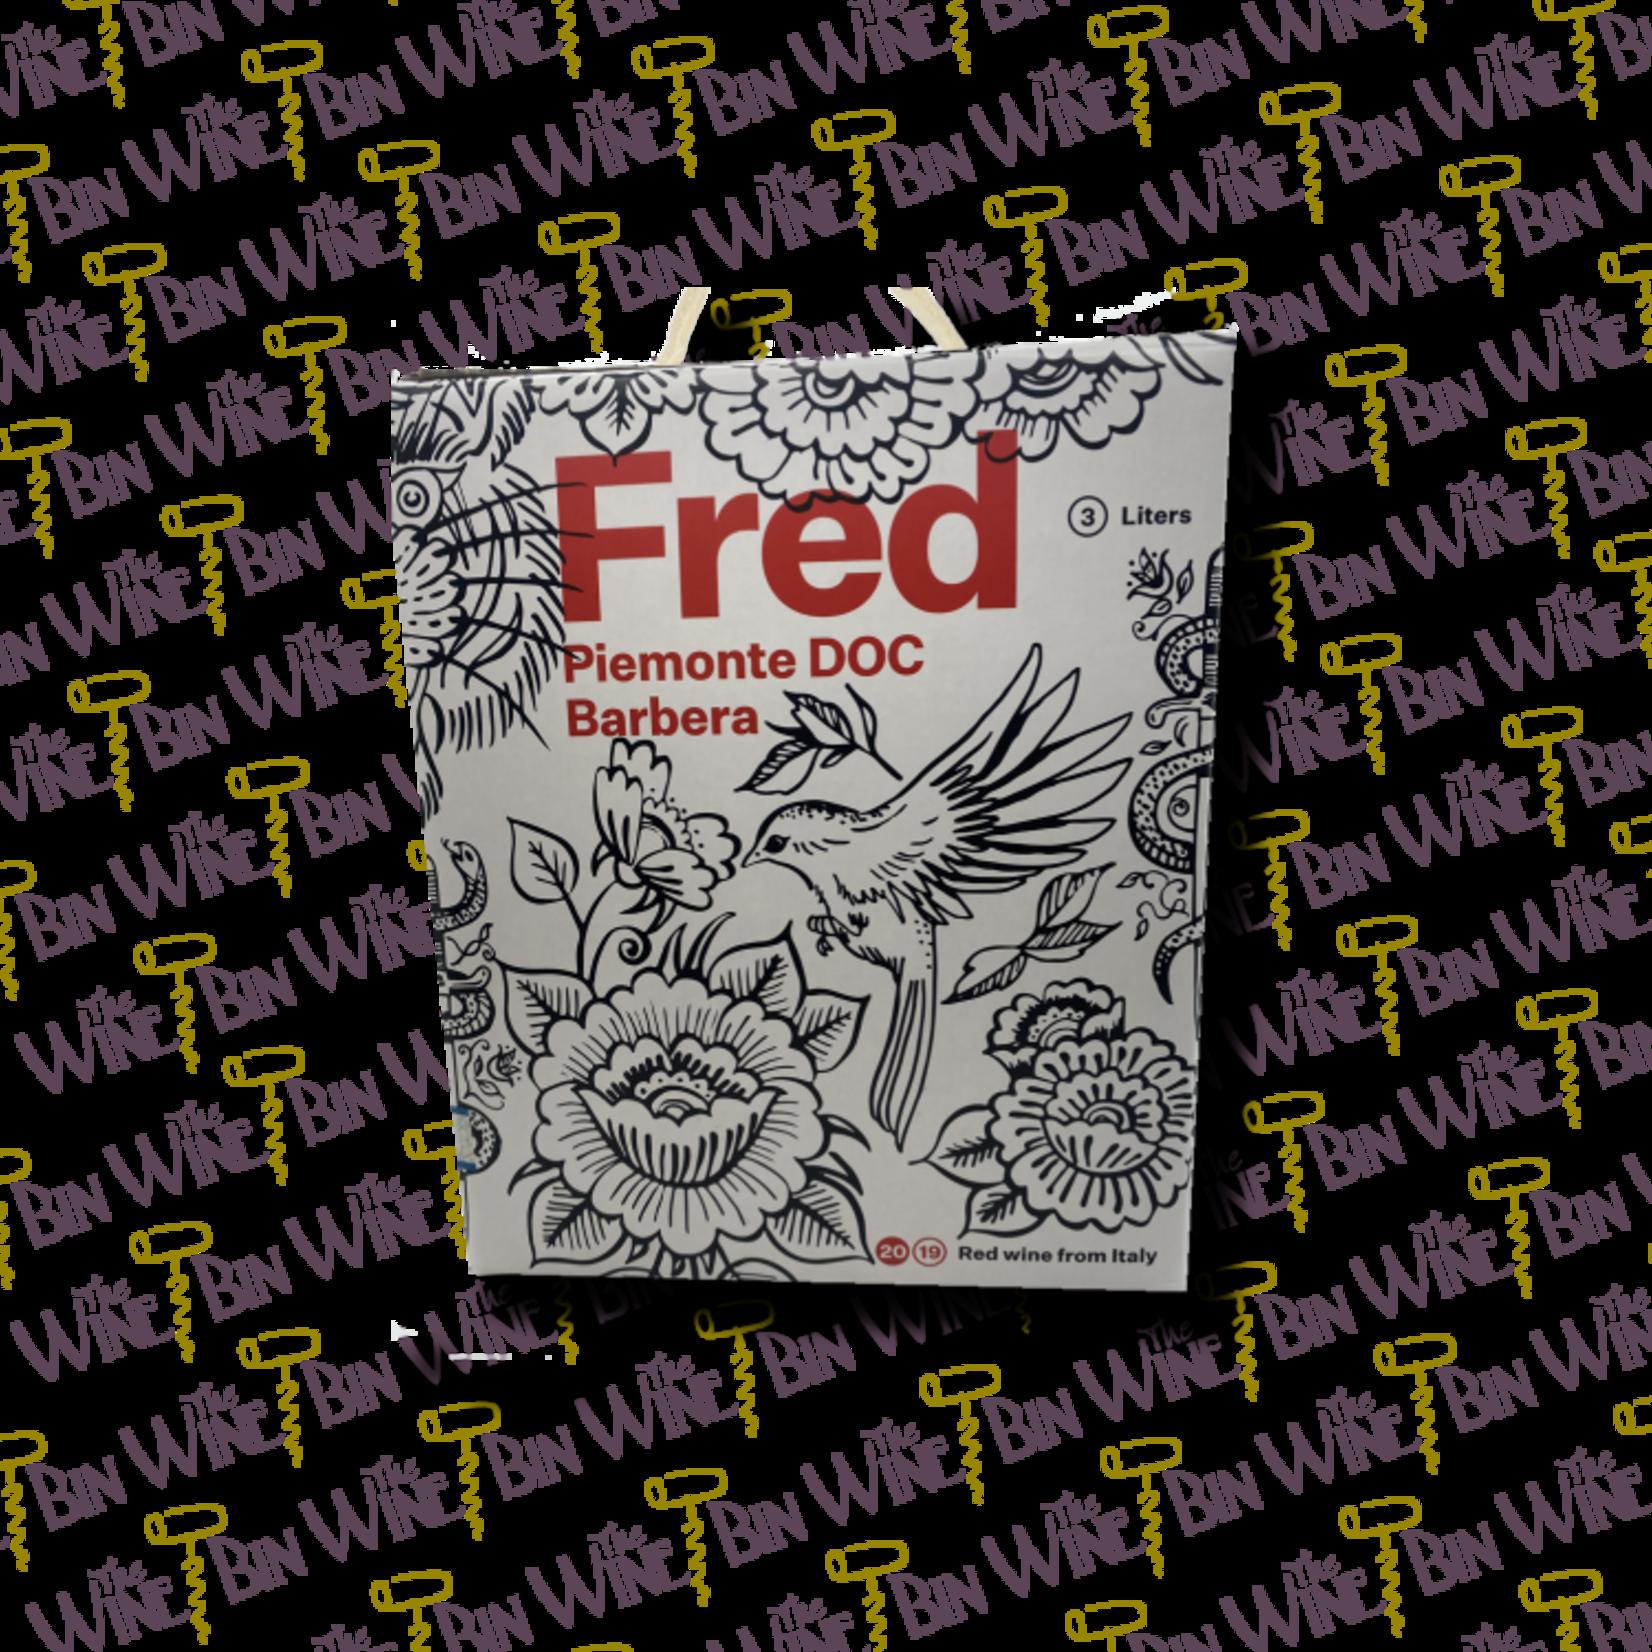 FRED Fred - Barbera  Box Wine - 3.0L